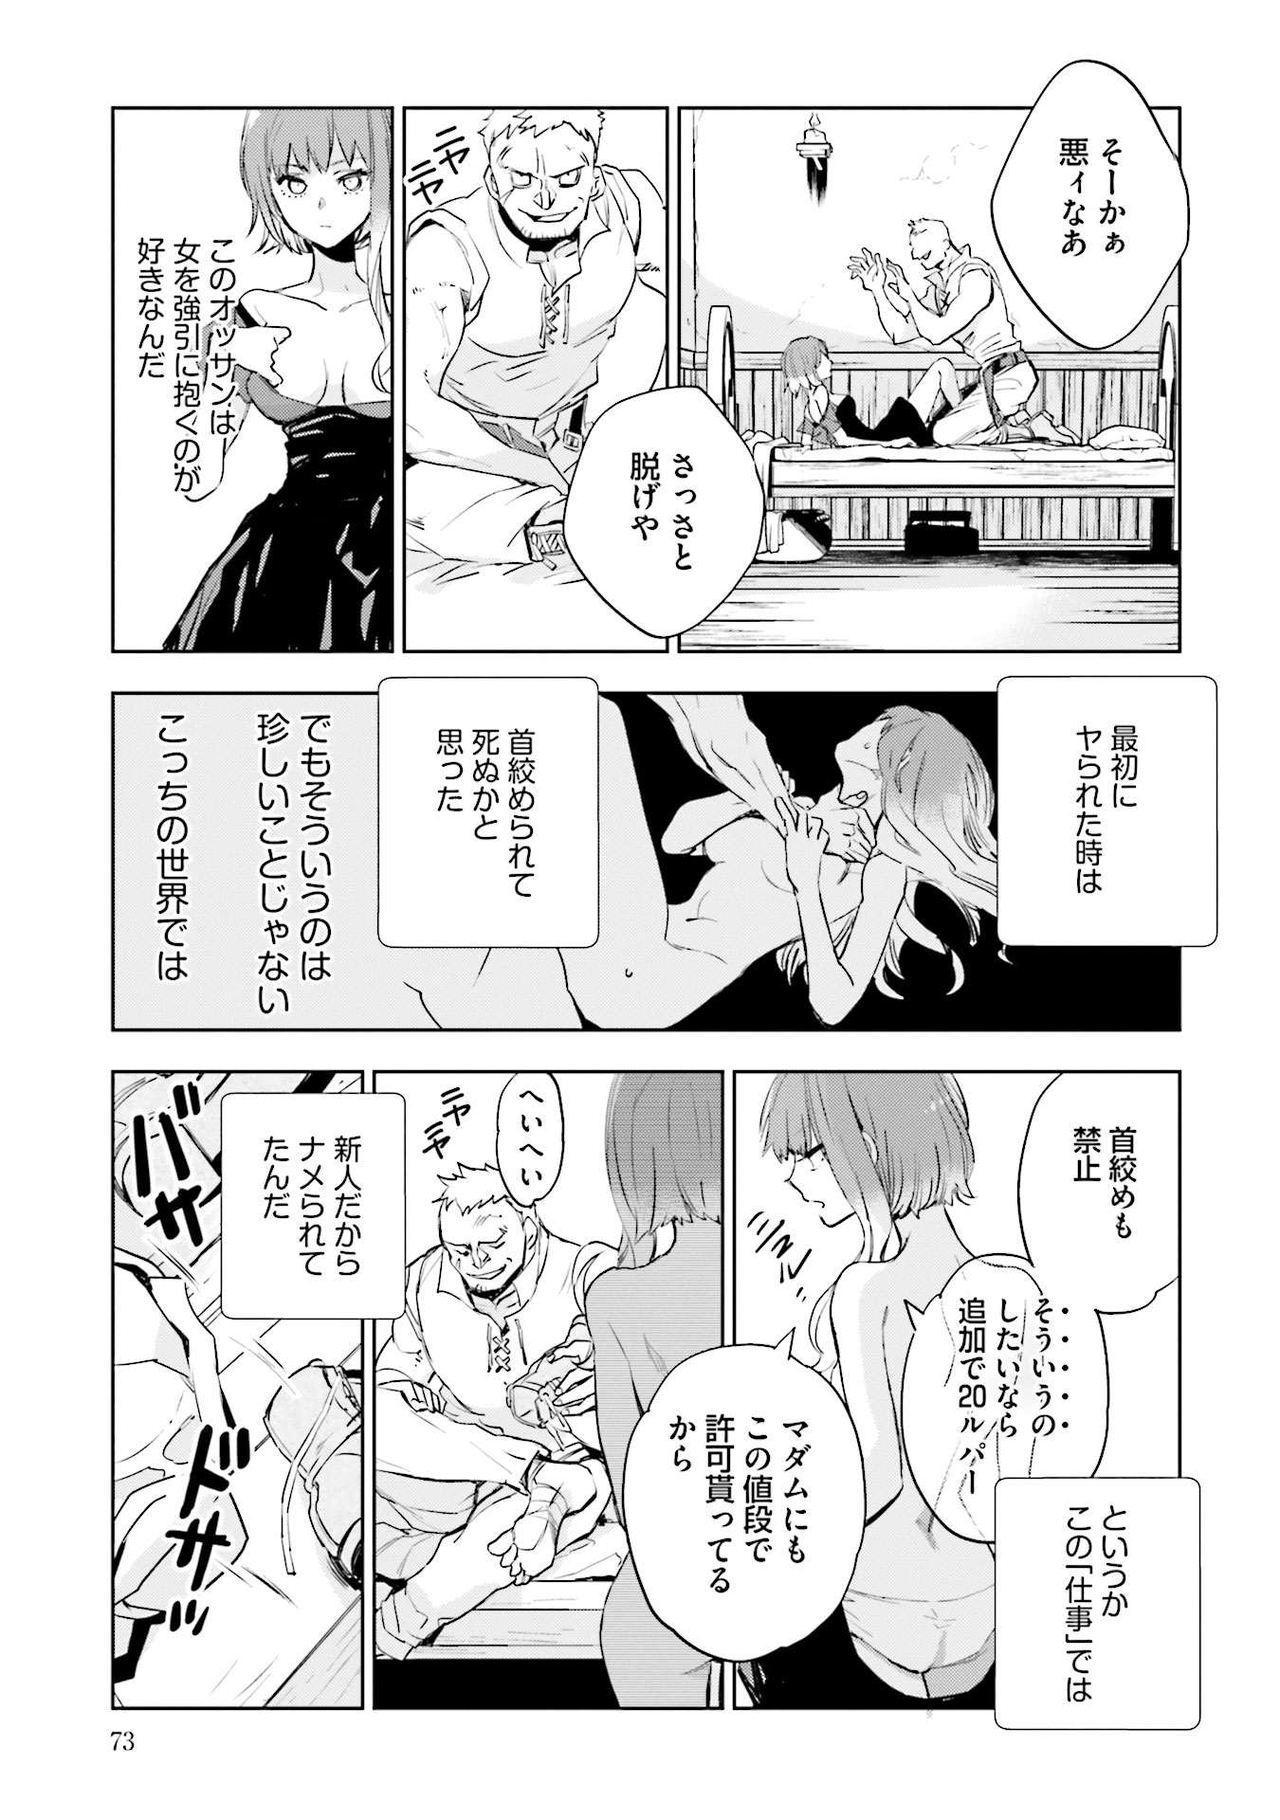 JK Haru wa Isekai de Shoufu ni Natta 1-14 74